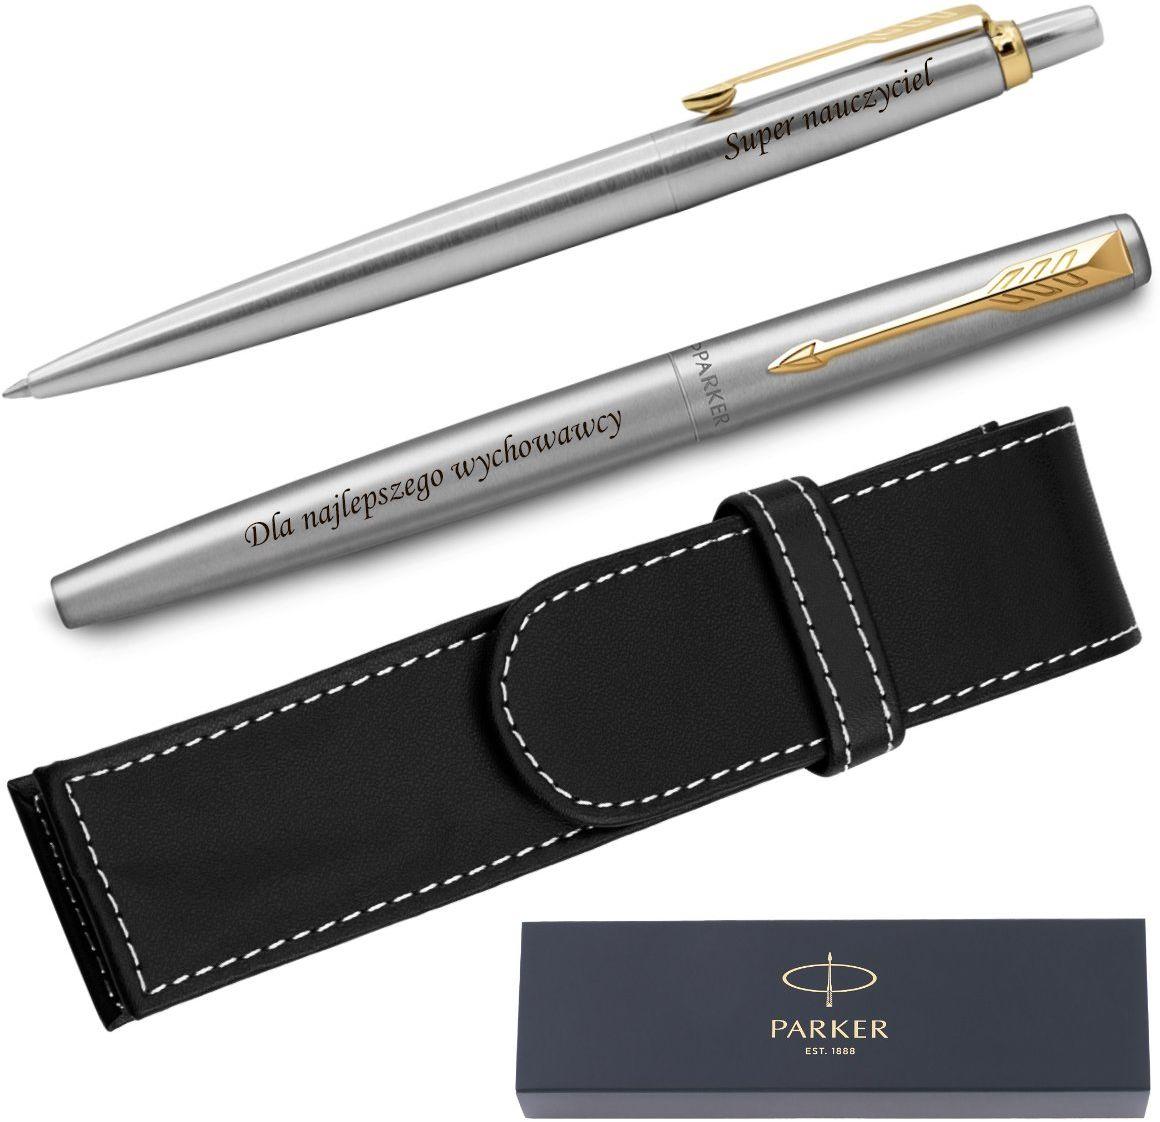 Zestaw Pióro + Długopis Parker Jotter GT + Etui Grawer